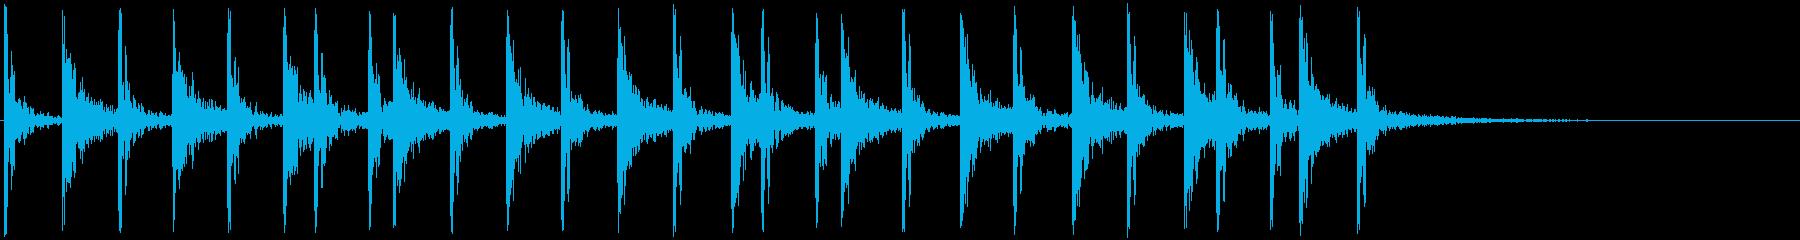 低音:グルーヴィーなリズム、漫画コ...の再生済みの波形